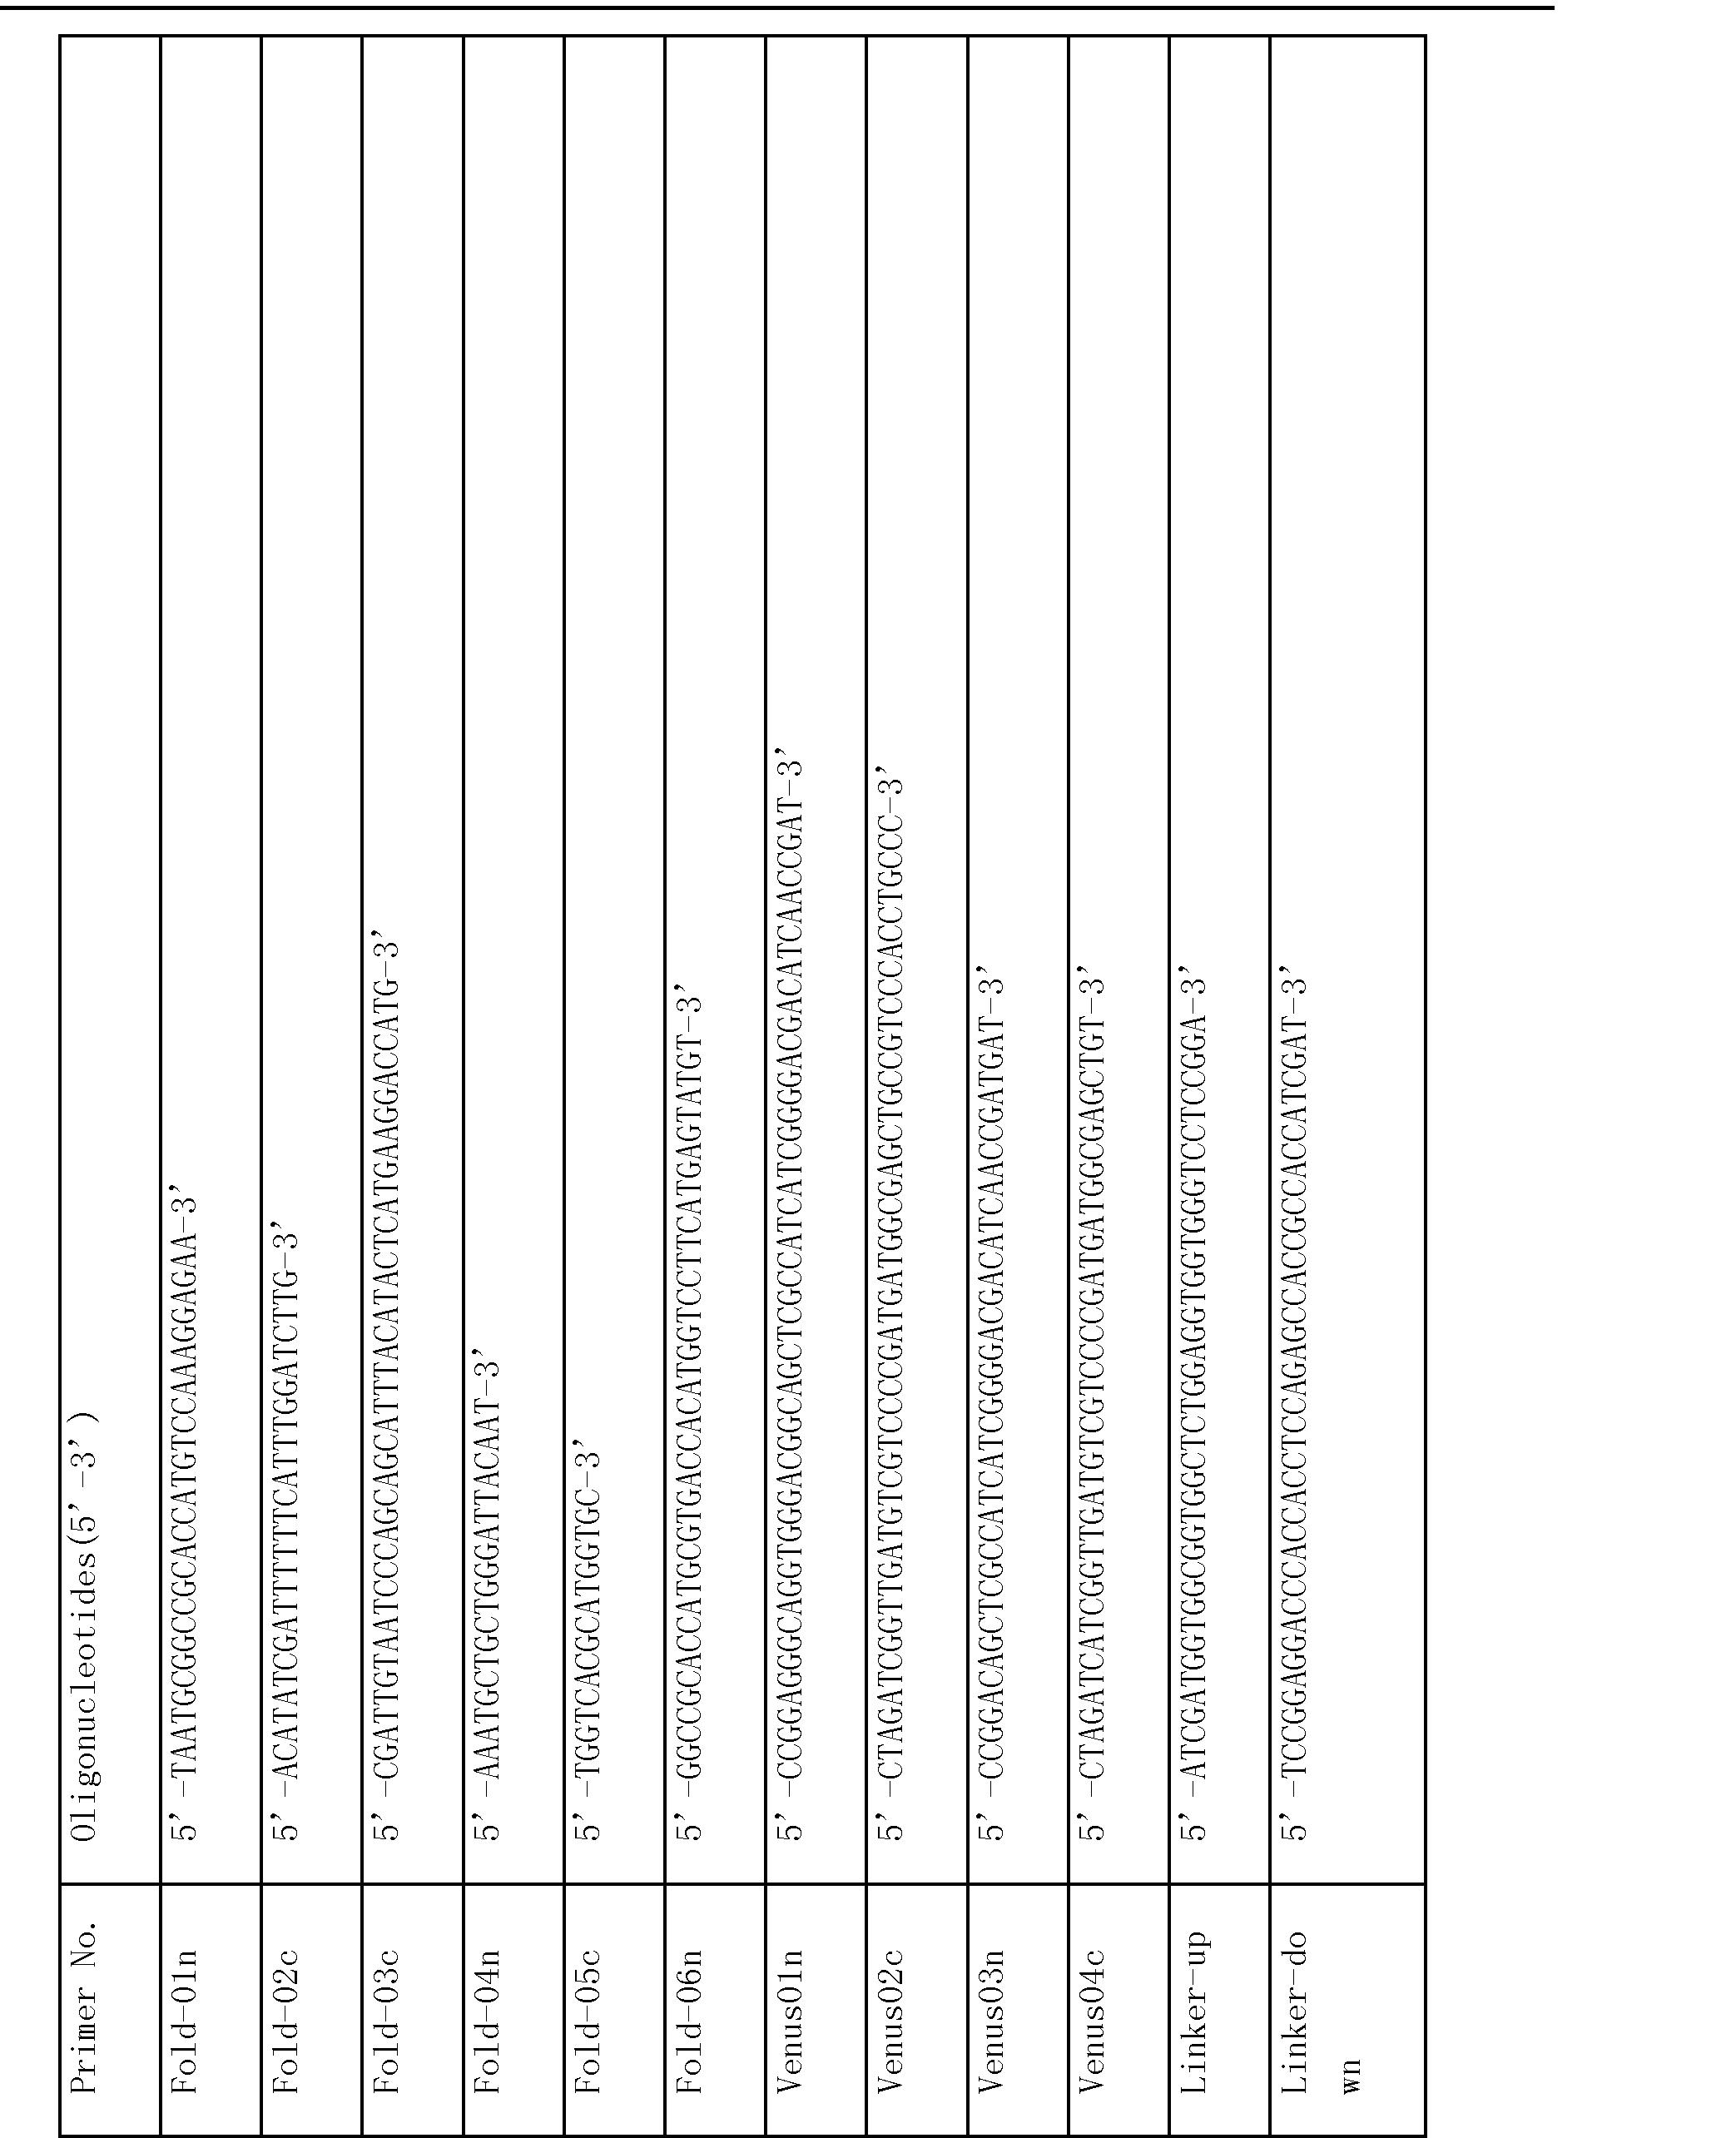 平板克隆形成实验步骤